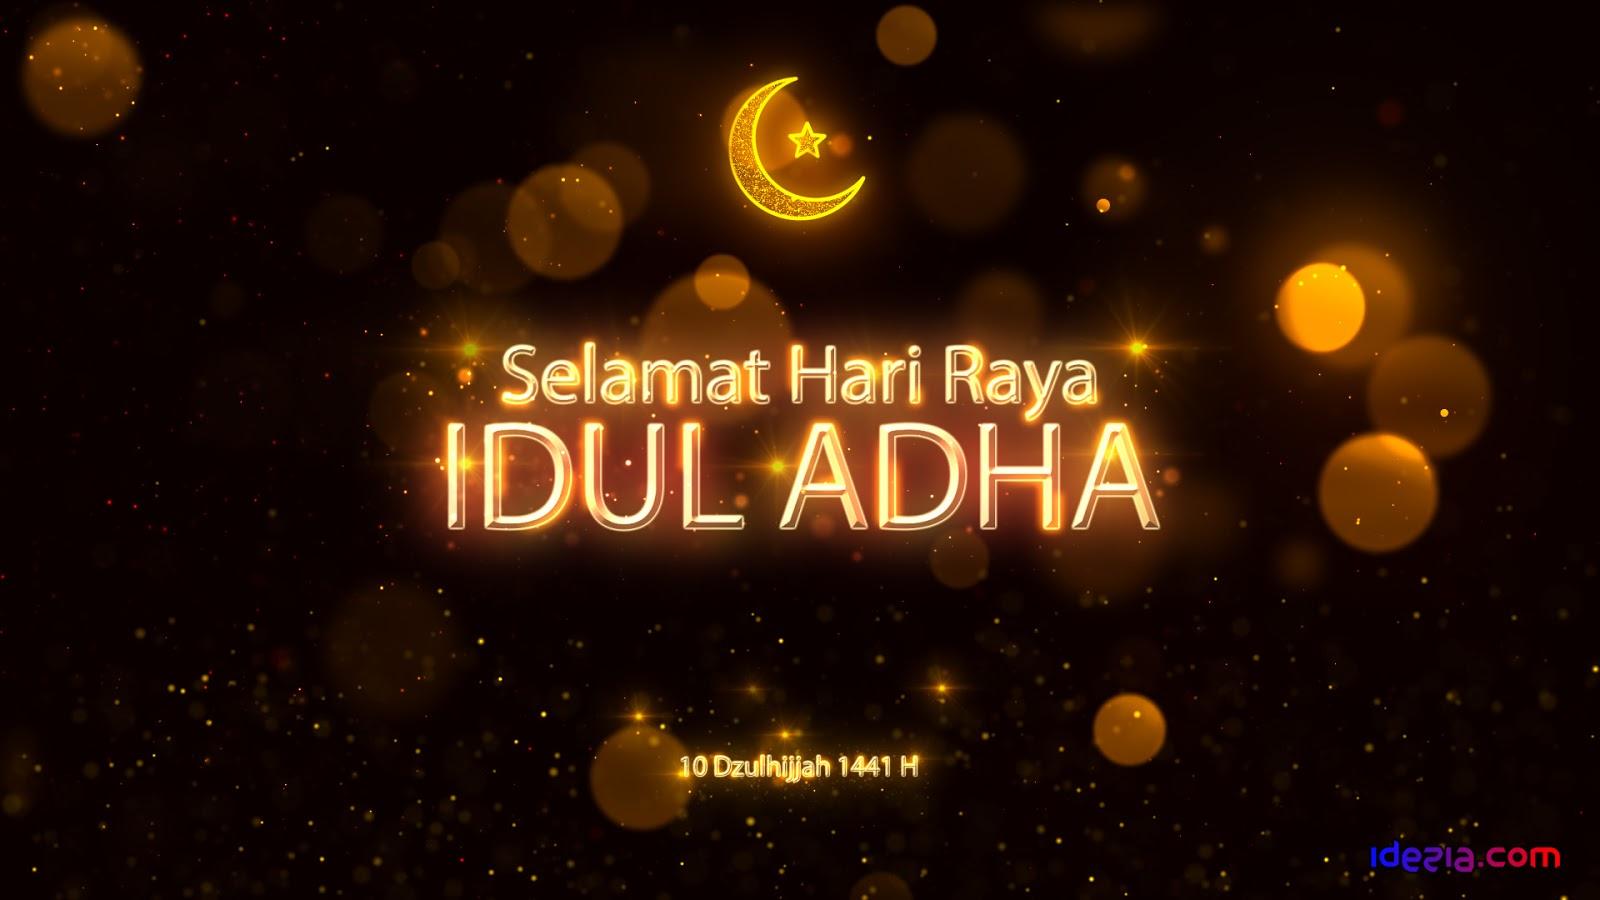 Gambar Ucapan Selamat Idul Adha Terbaru 2020 1441 Hijriyah Idezia